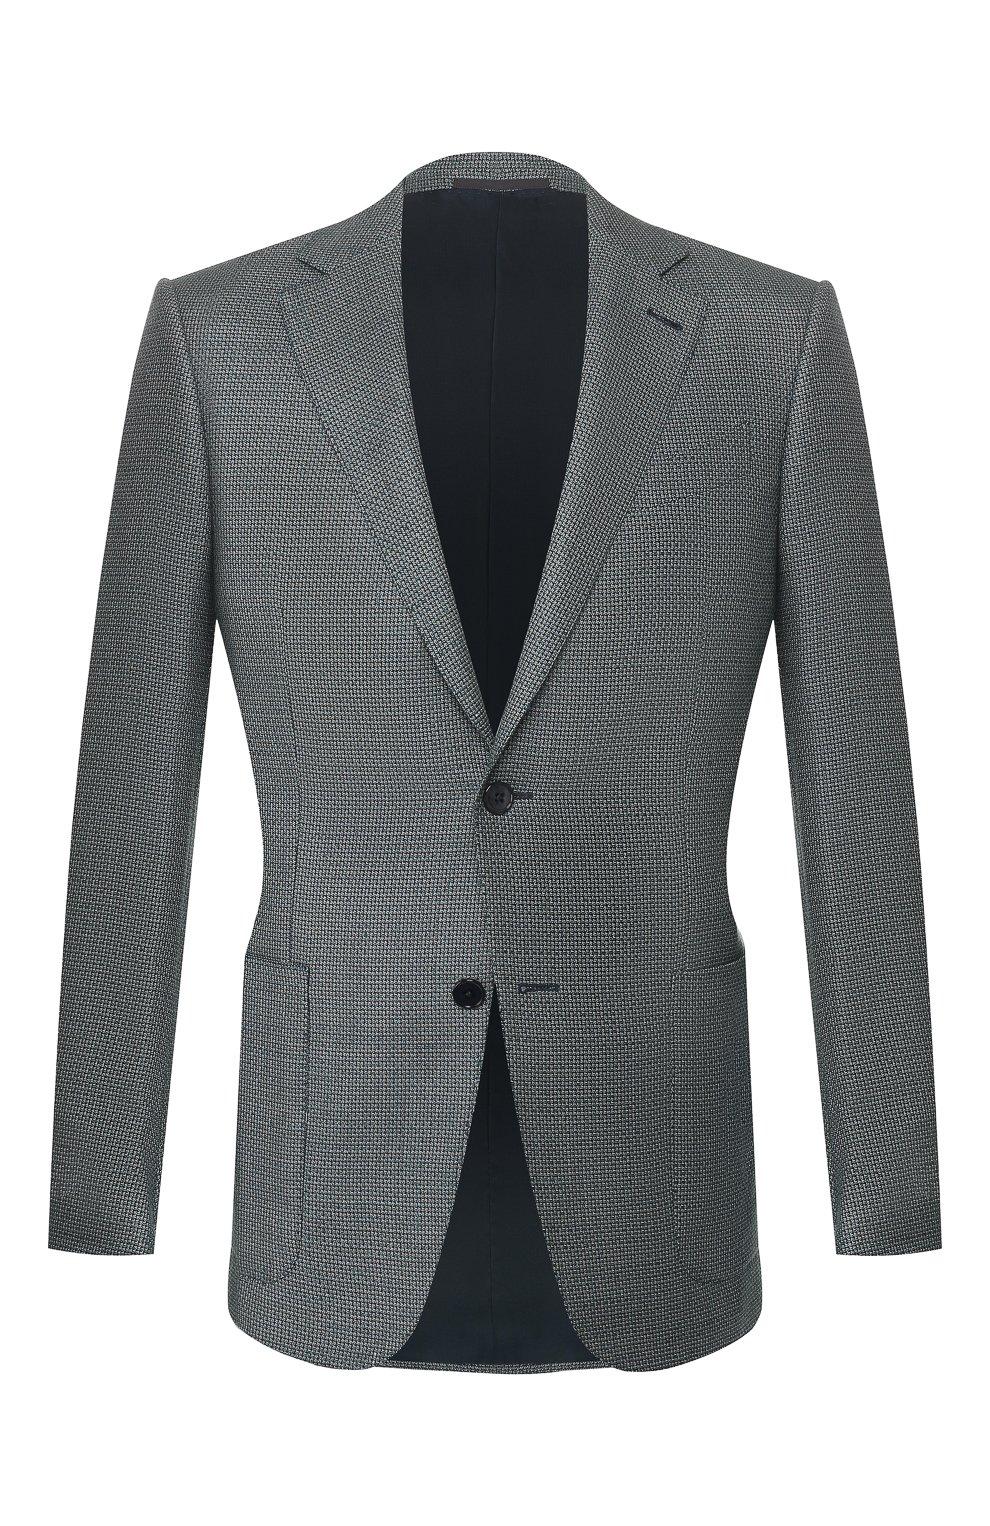 Мужской пиджак из смеси шелка и шерсти ERMENEGILDO ZEGNA бирюзового цвета, арт. 749074/122520 | Фото 1